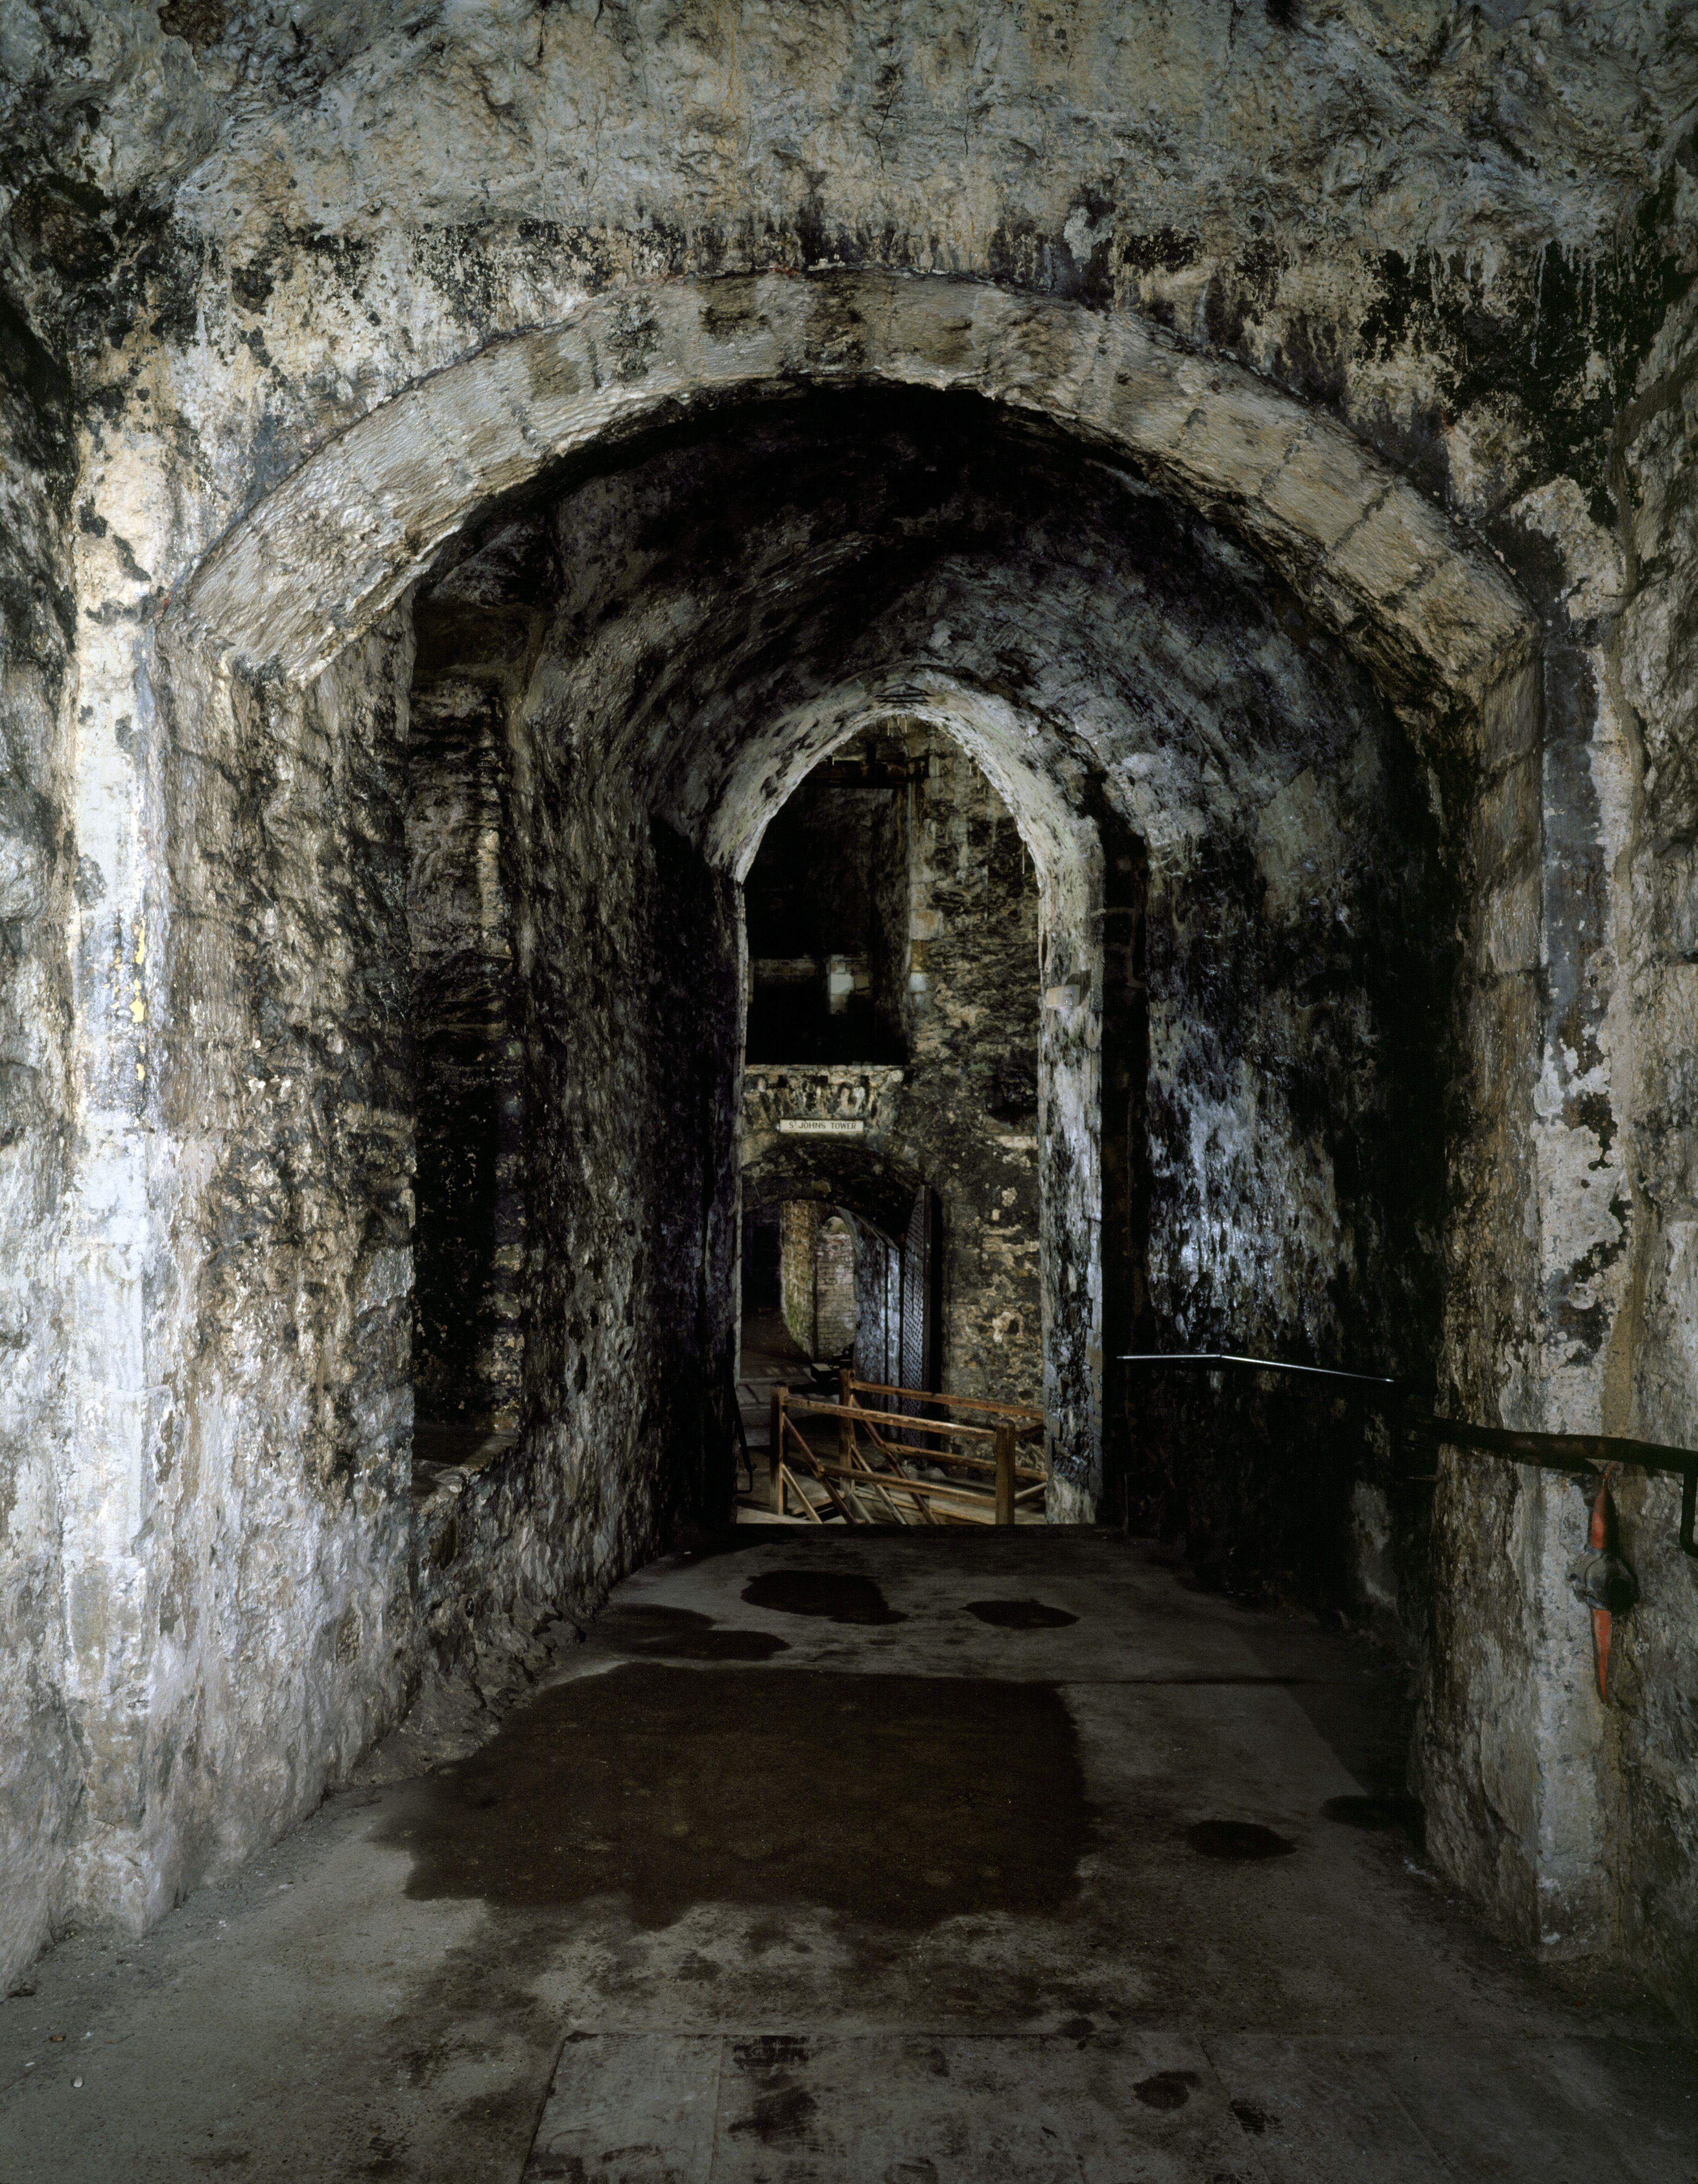 все старинные замки фото изнутри подряд таких